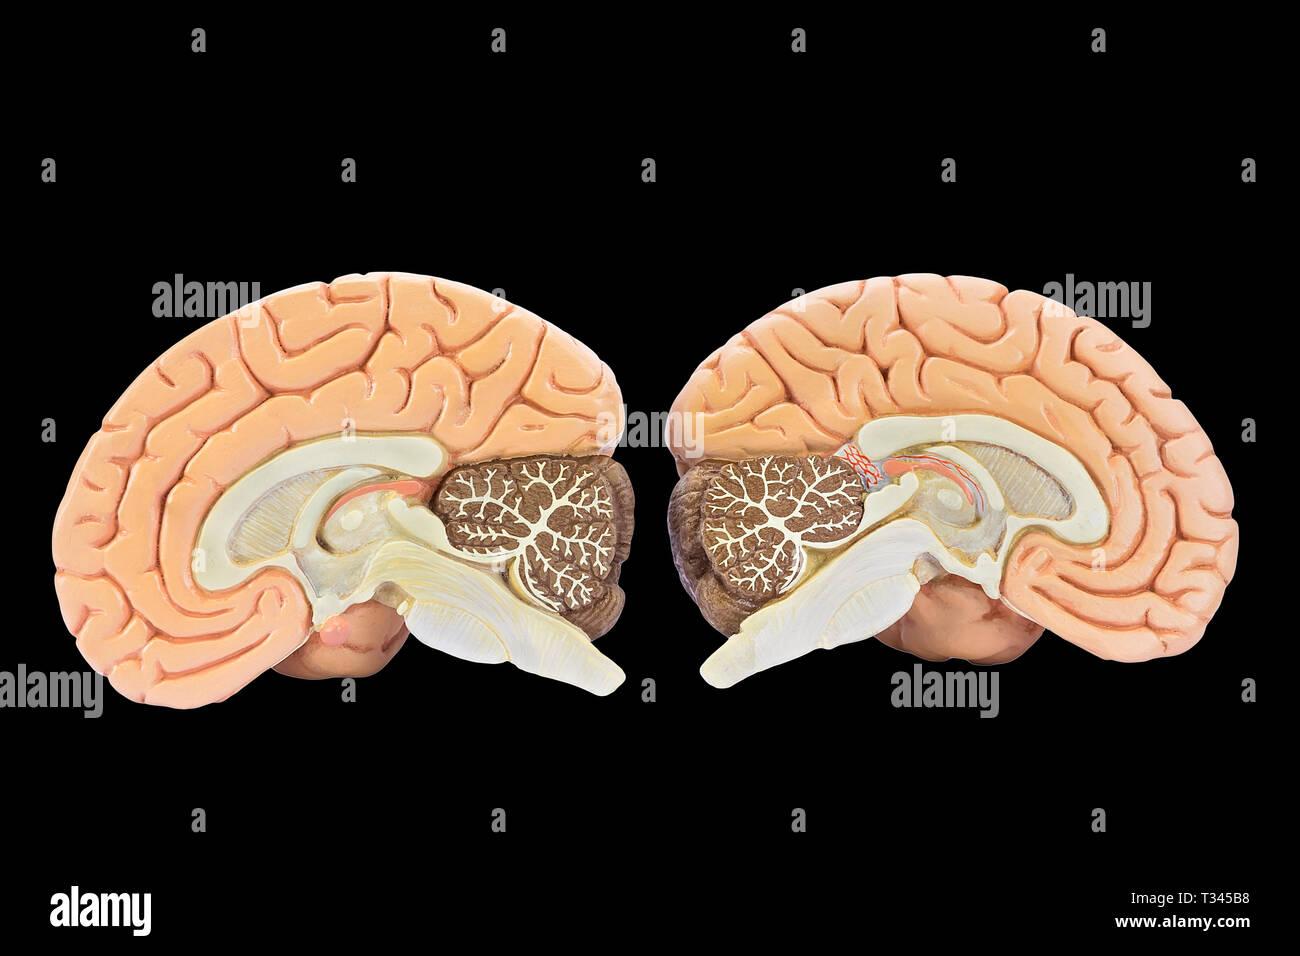 Educational models of two brain hemispheres isolated on black background - Stock Image